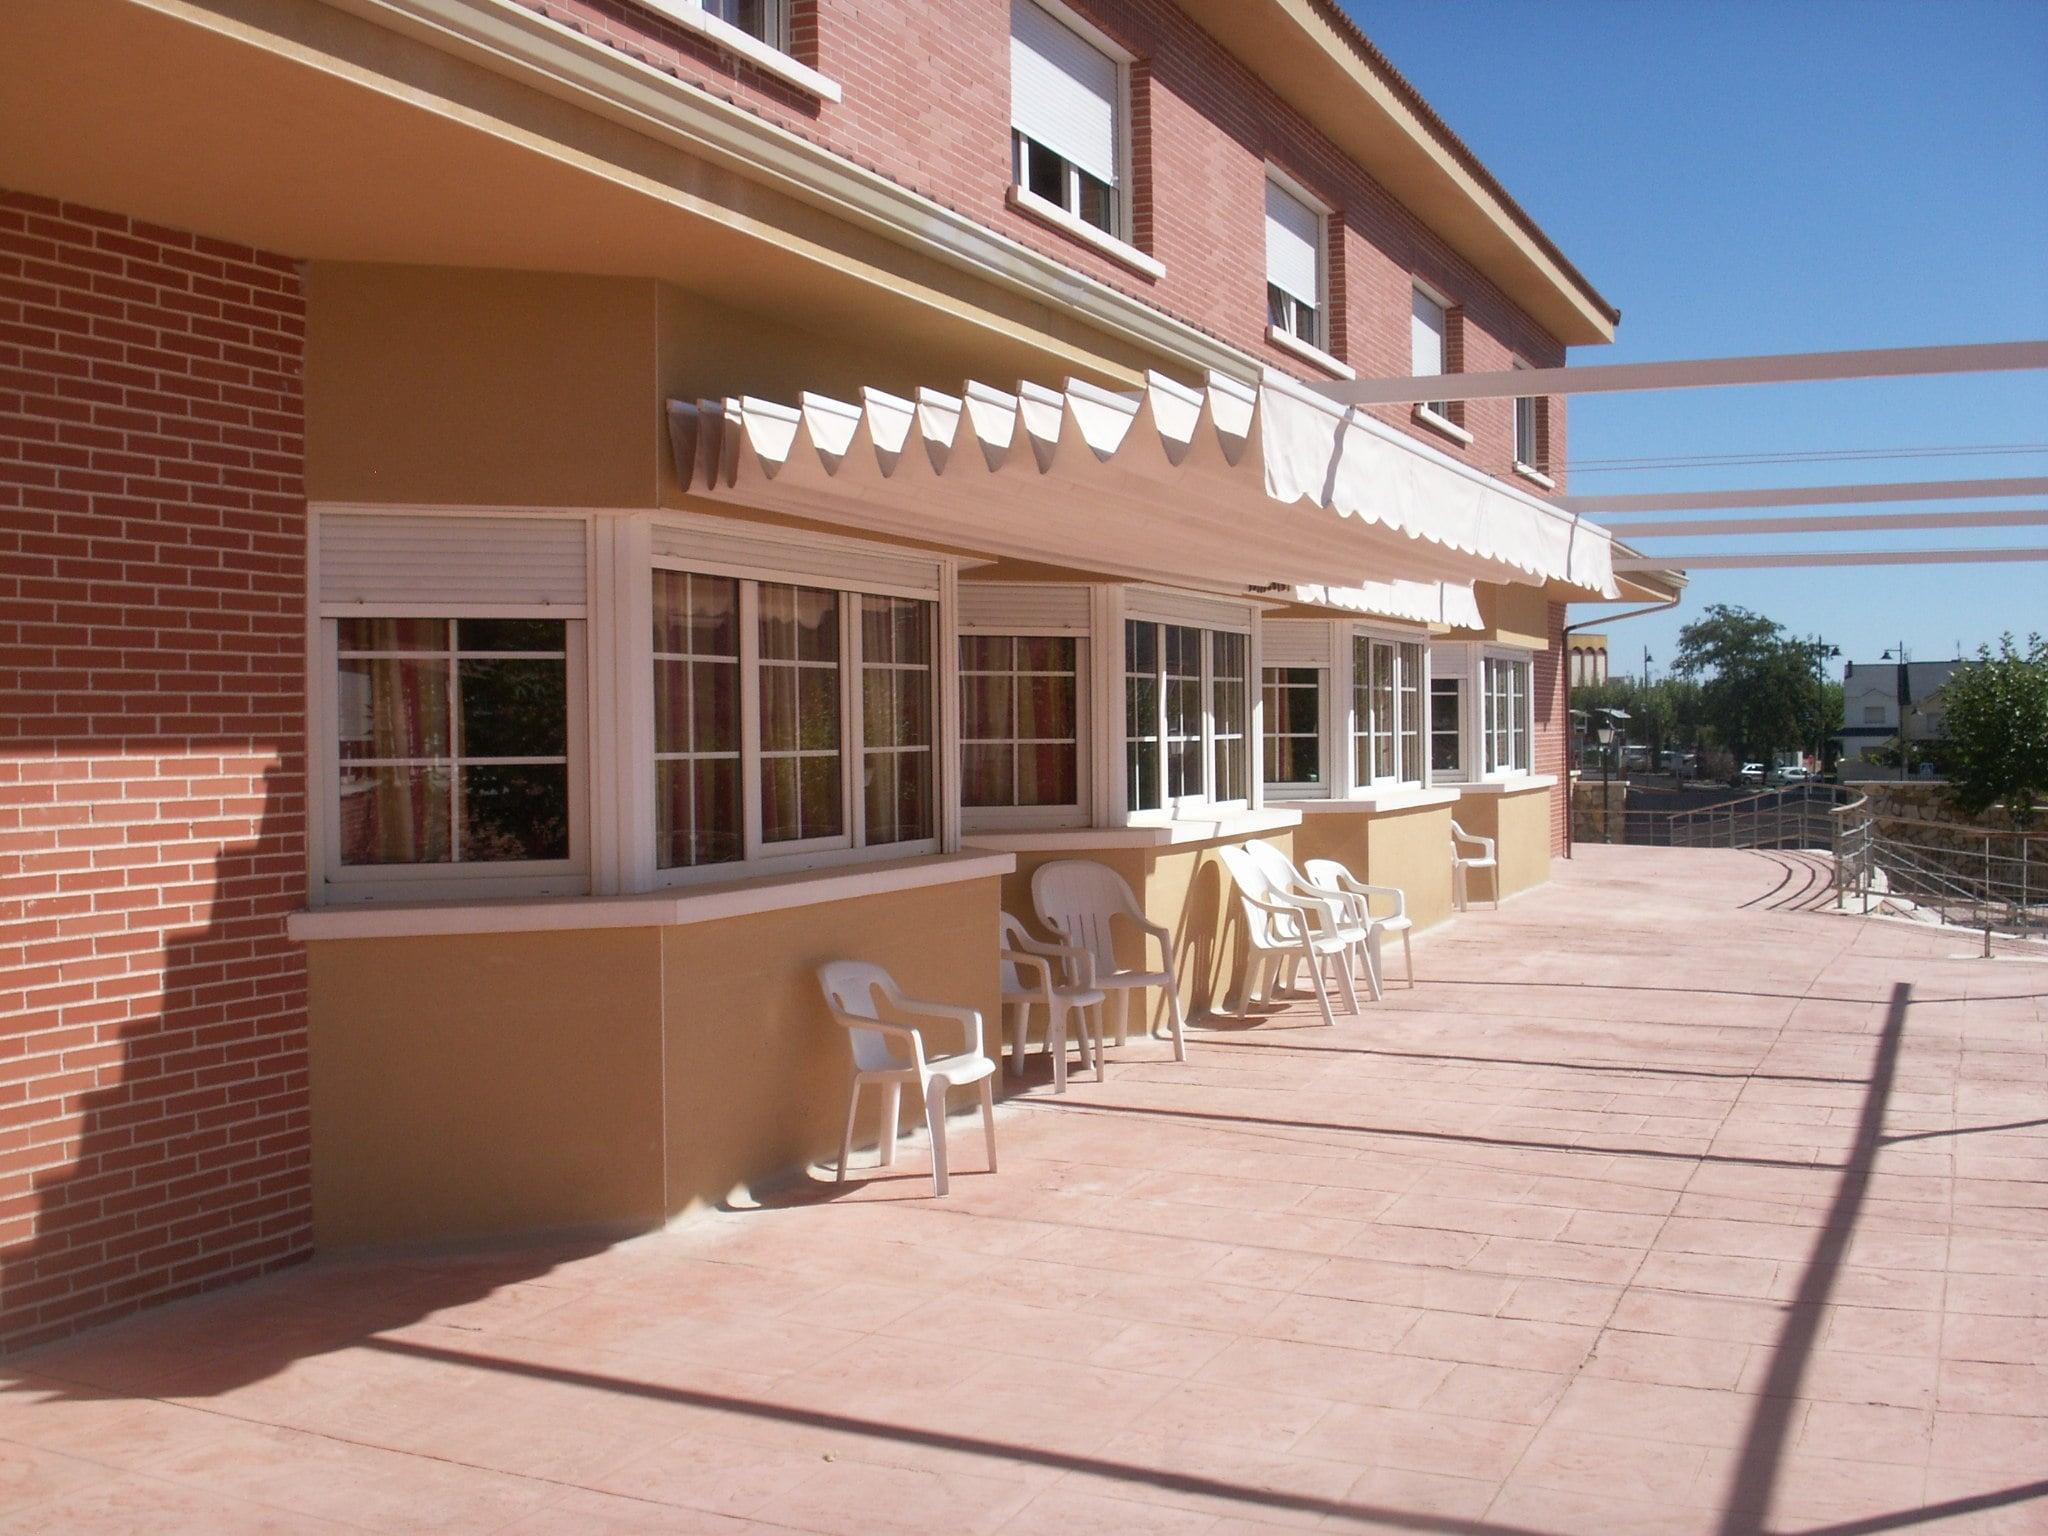 Centro_de_Mayores_Virgen_de_la_Nueva_-_terraza